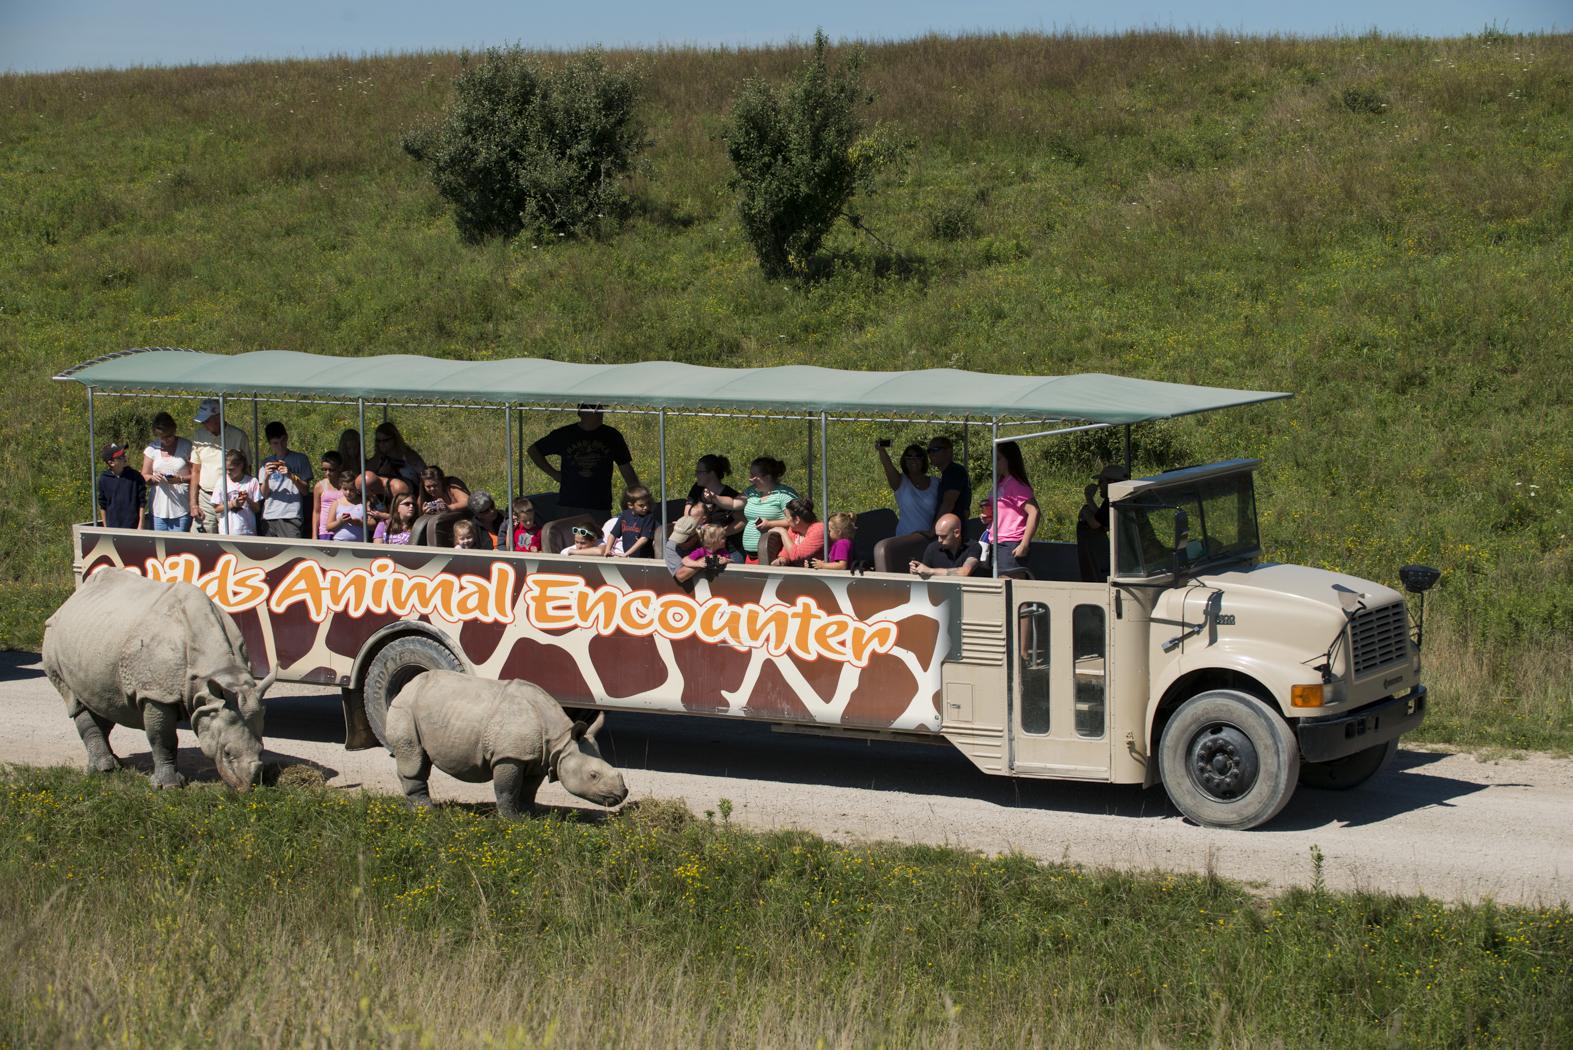 _Open Air Safari Tour 7048 - Grahm S. Jones, Columbus Zoo and Aquarium